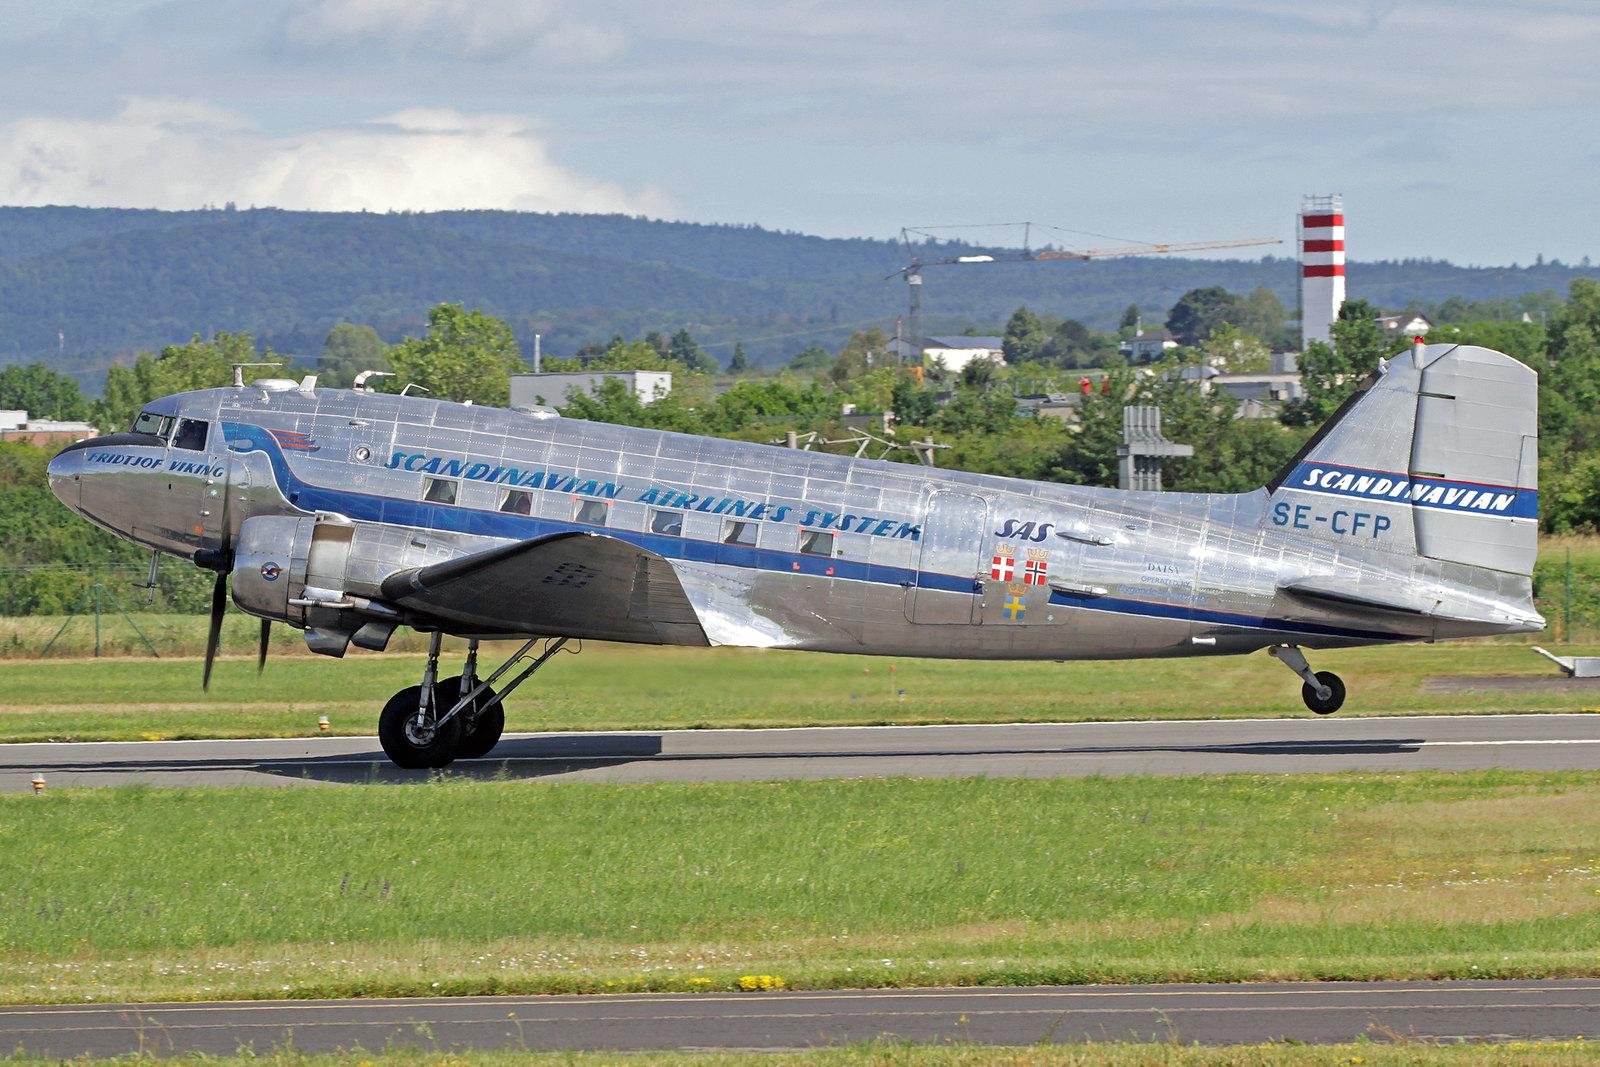 """SE-CFP - Die Douglas DC-3 """"Fridtjof Viking"""" der Flygande Veteraner wurde als C-47 A-60-DL Skytrain mit der c/n 13883 in Long Beach gebaut und im Oktober 1943 mit der Kennung 43-30732 an die US Army ausgeliefert."""